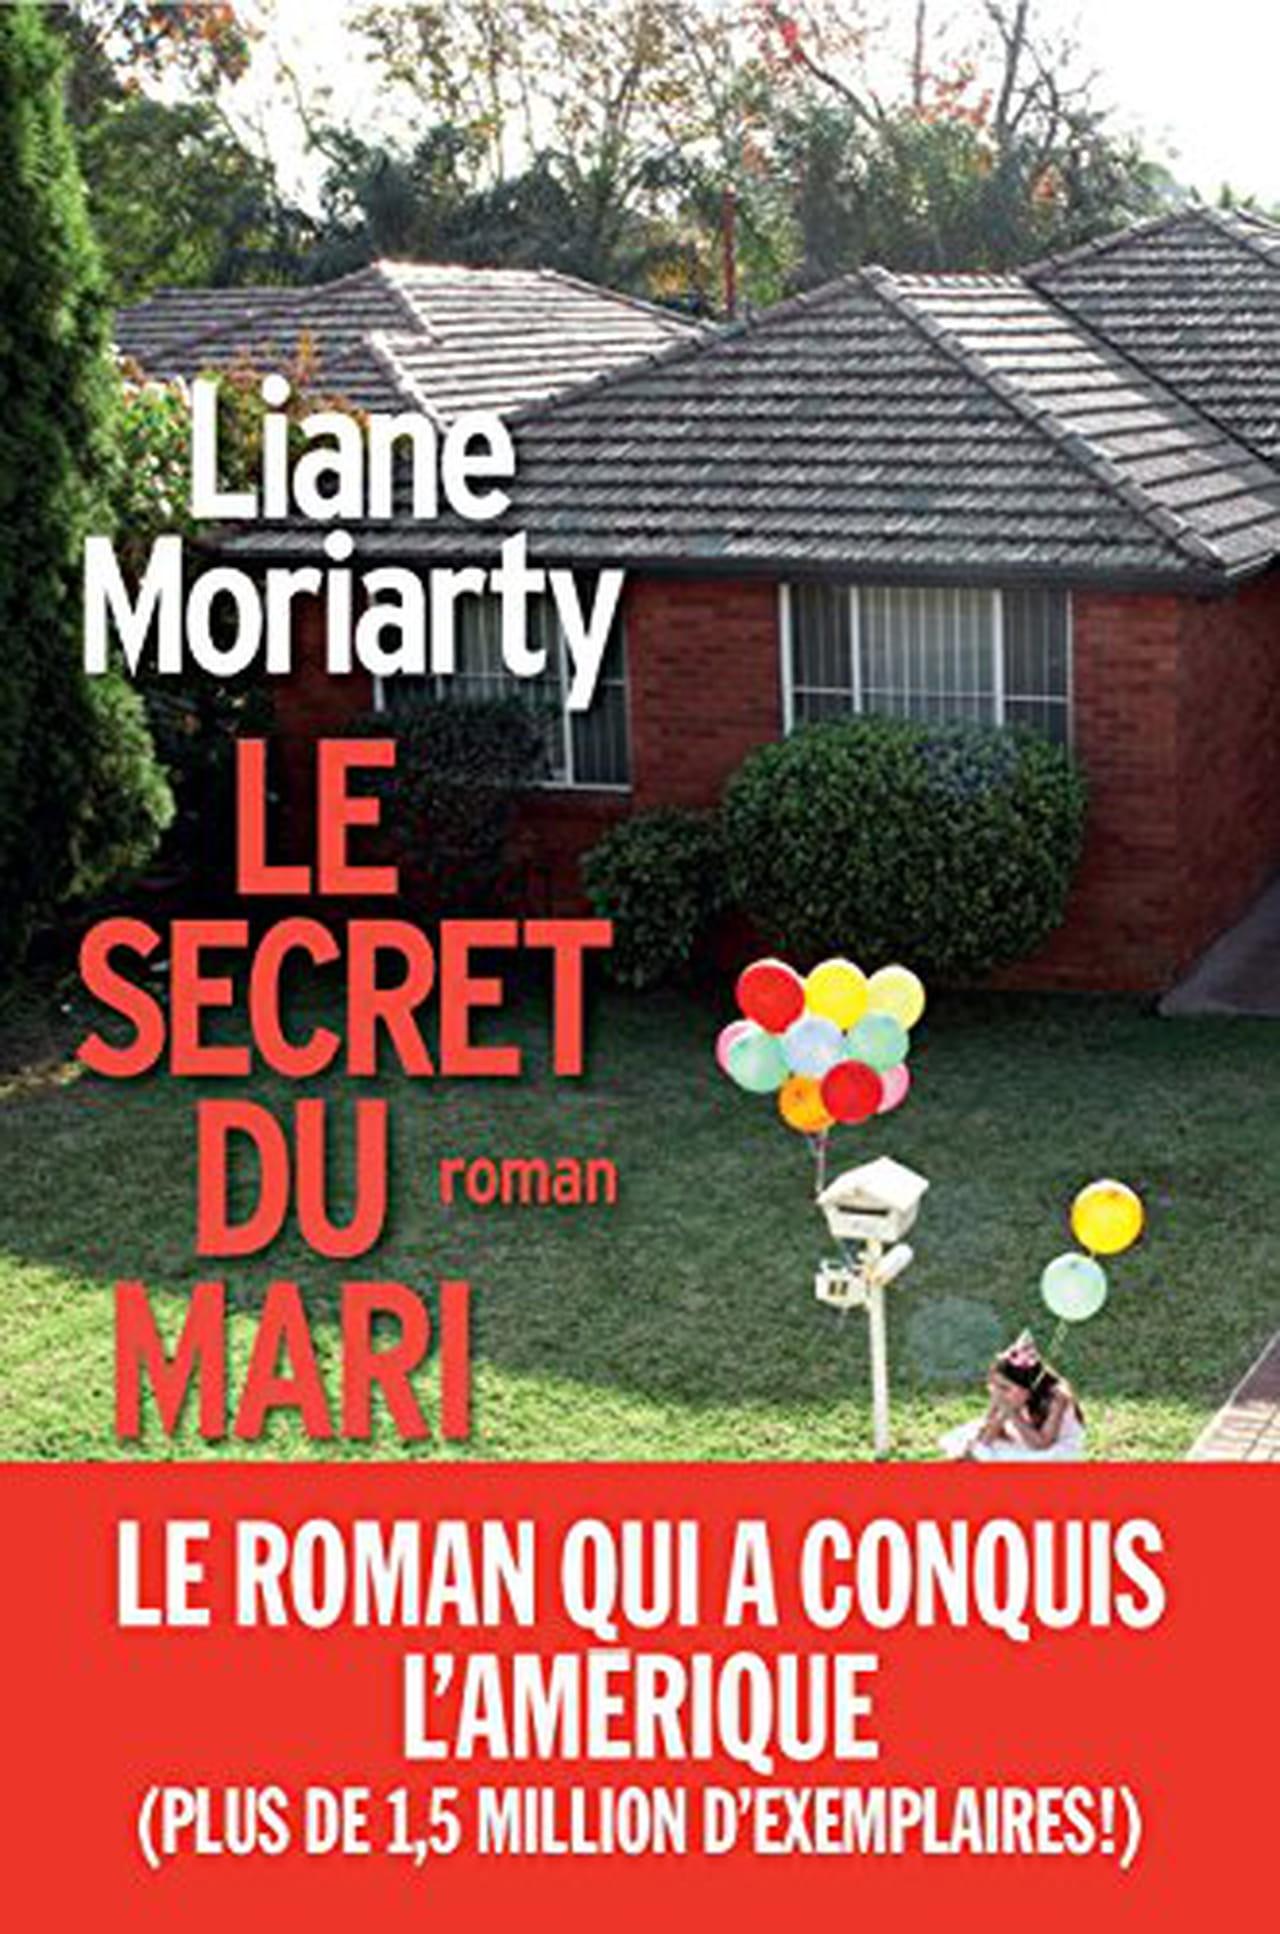 """Résultat de recherche d'images pour """"Liane Moriarty - Le secret du mari"""""""